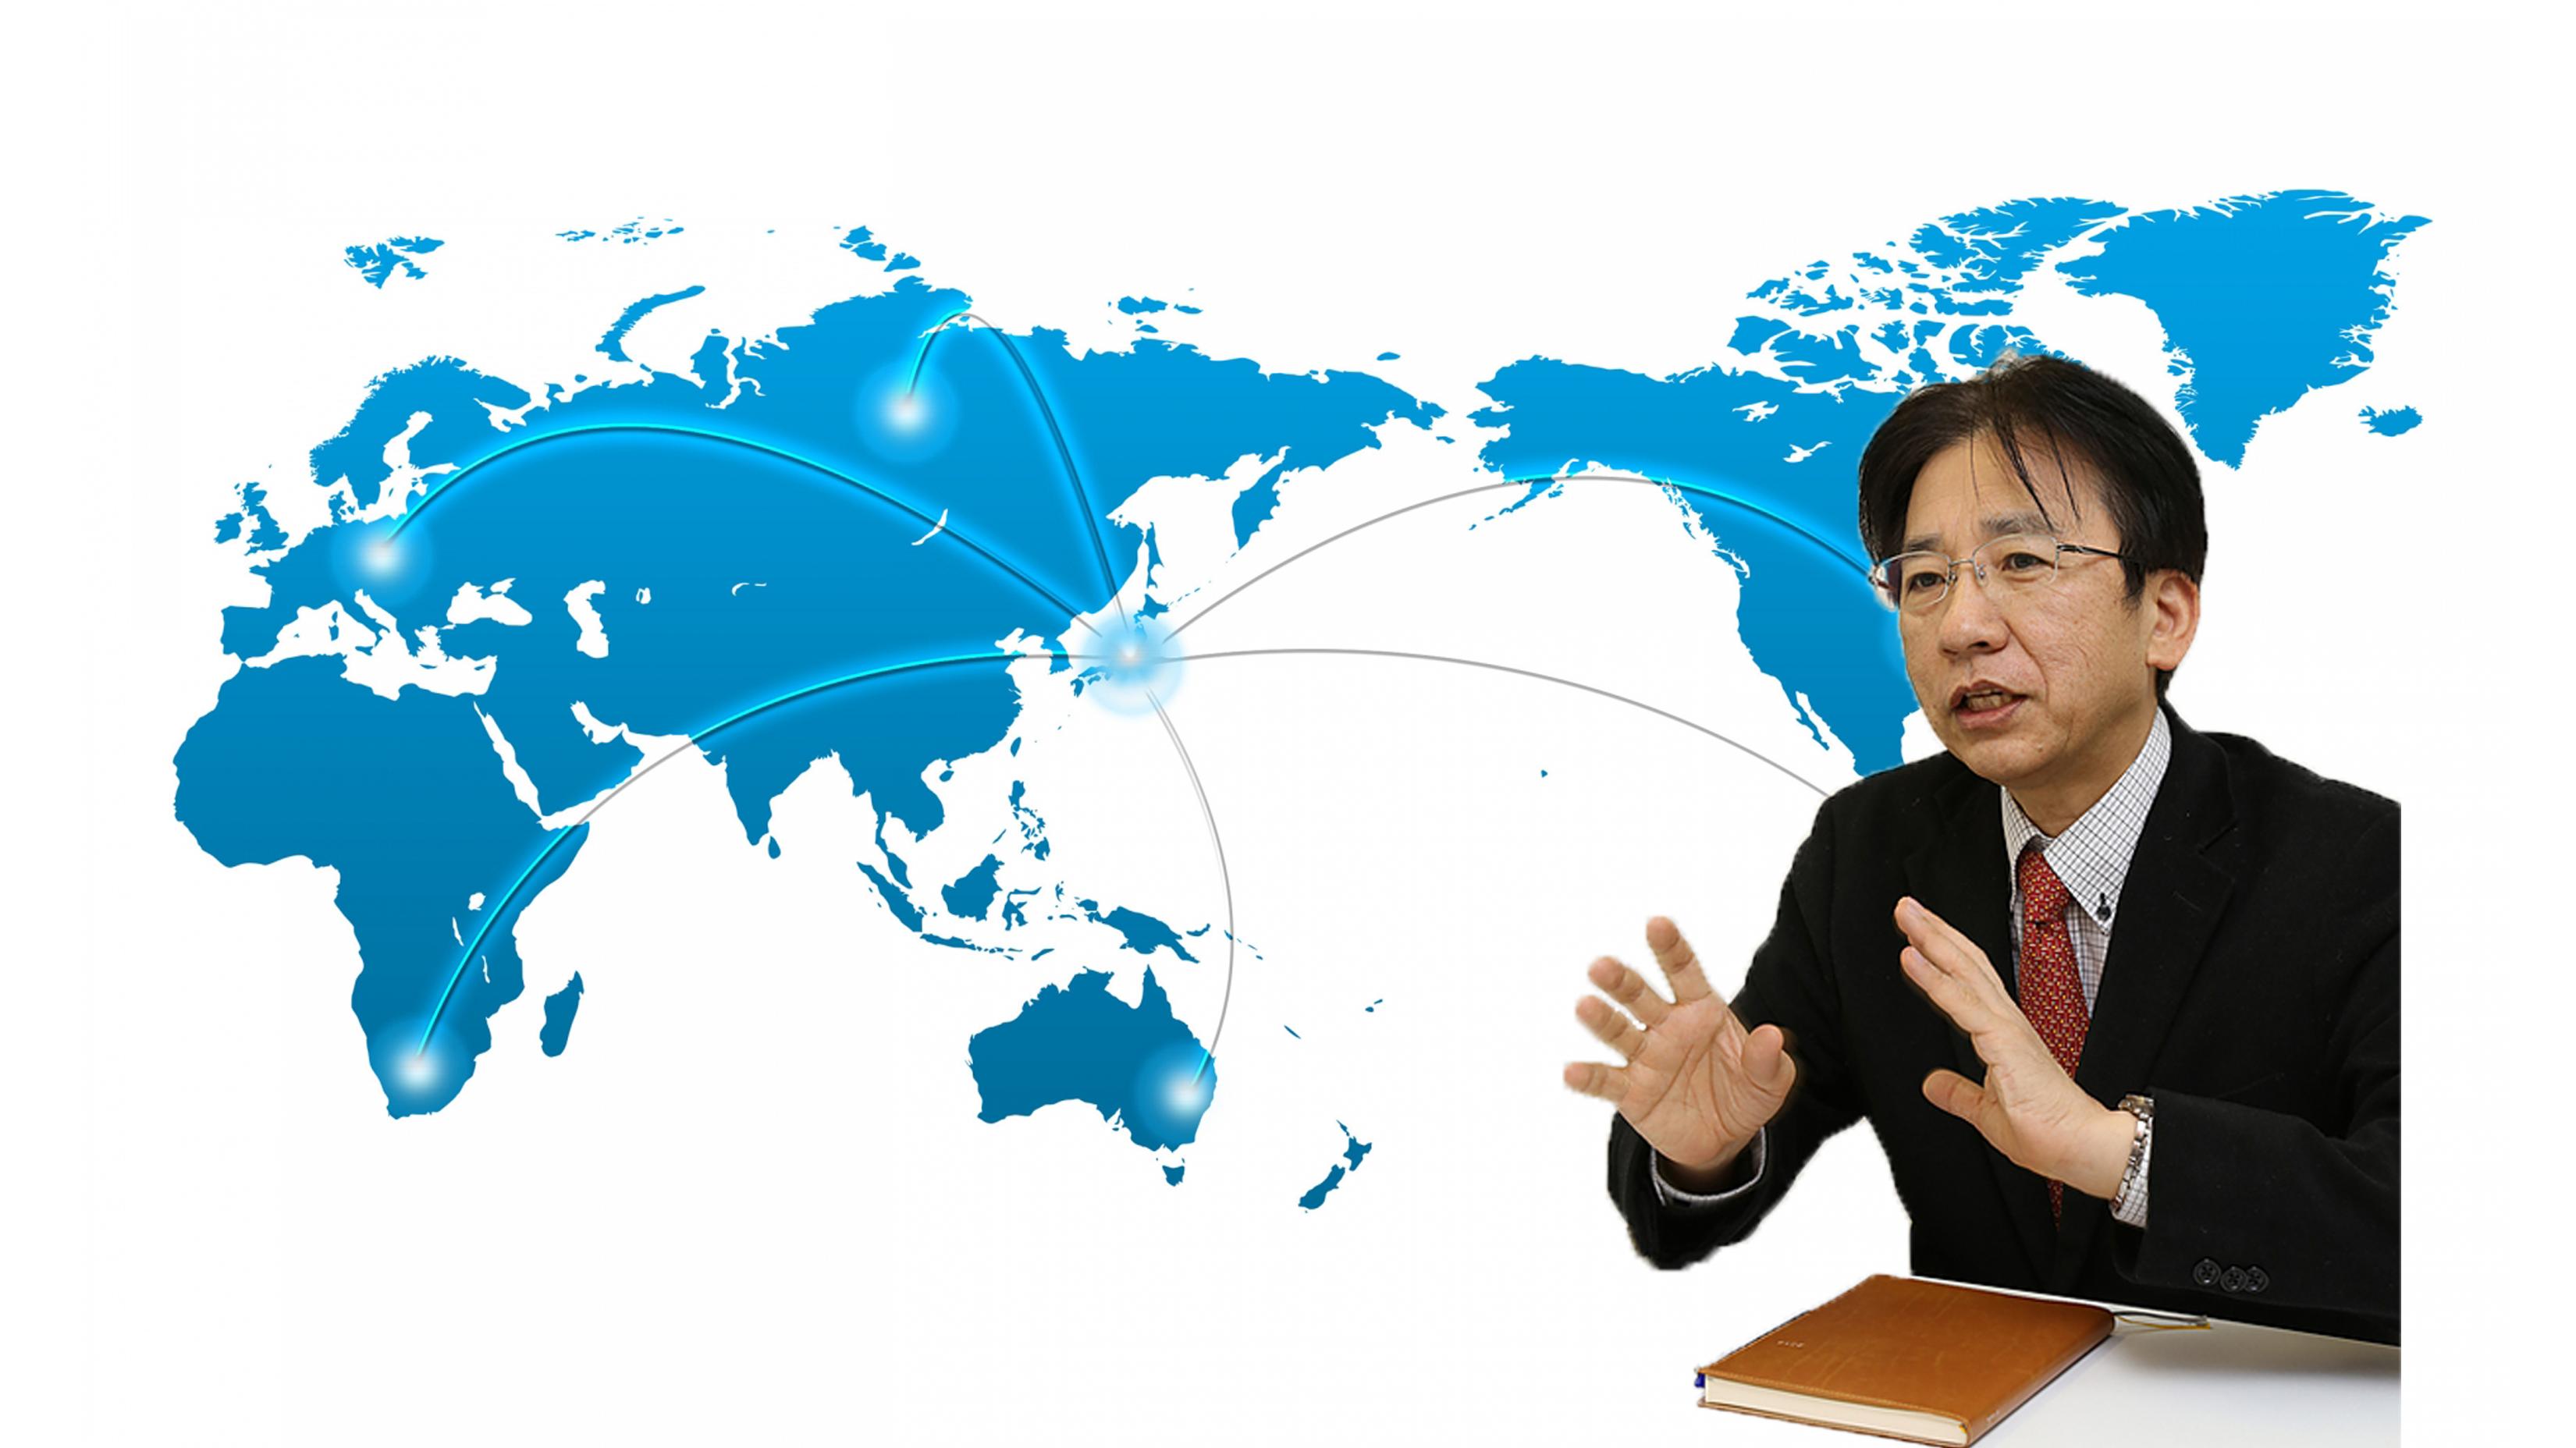 【起業事例】定年を待たず57歳でコンサルタントとして独立し、企業の海外進出をサポート